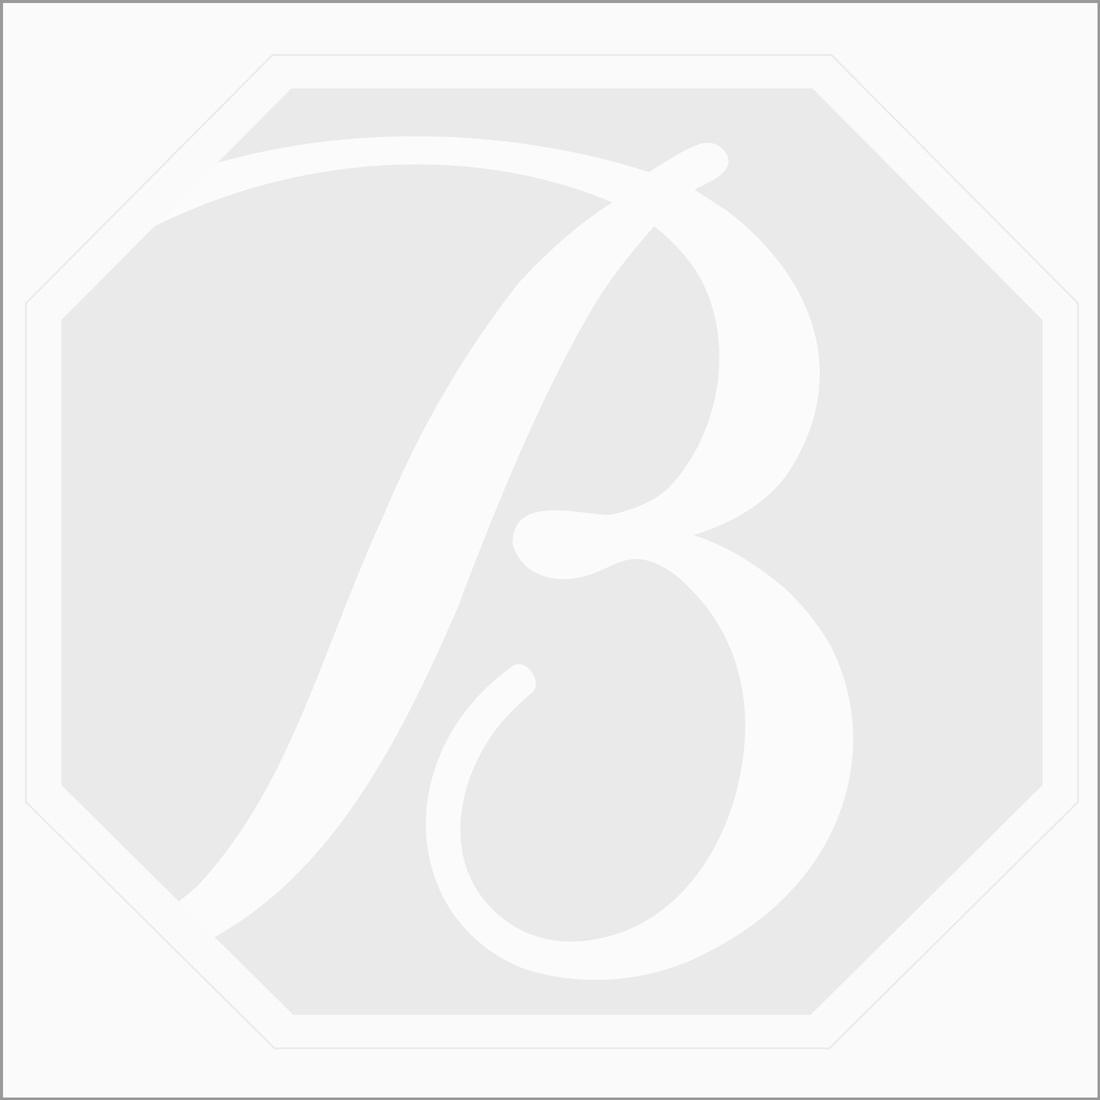 2 Pcs - 10.44 ct. - Green Tourmaline Rose Cut -16.6 x 11.8 x 3.5 mm to 16.7 x 11.7 x 2.9 mm (TRC1108)